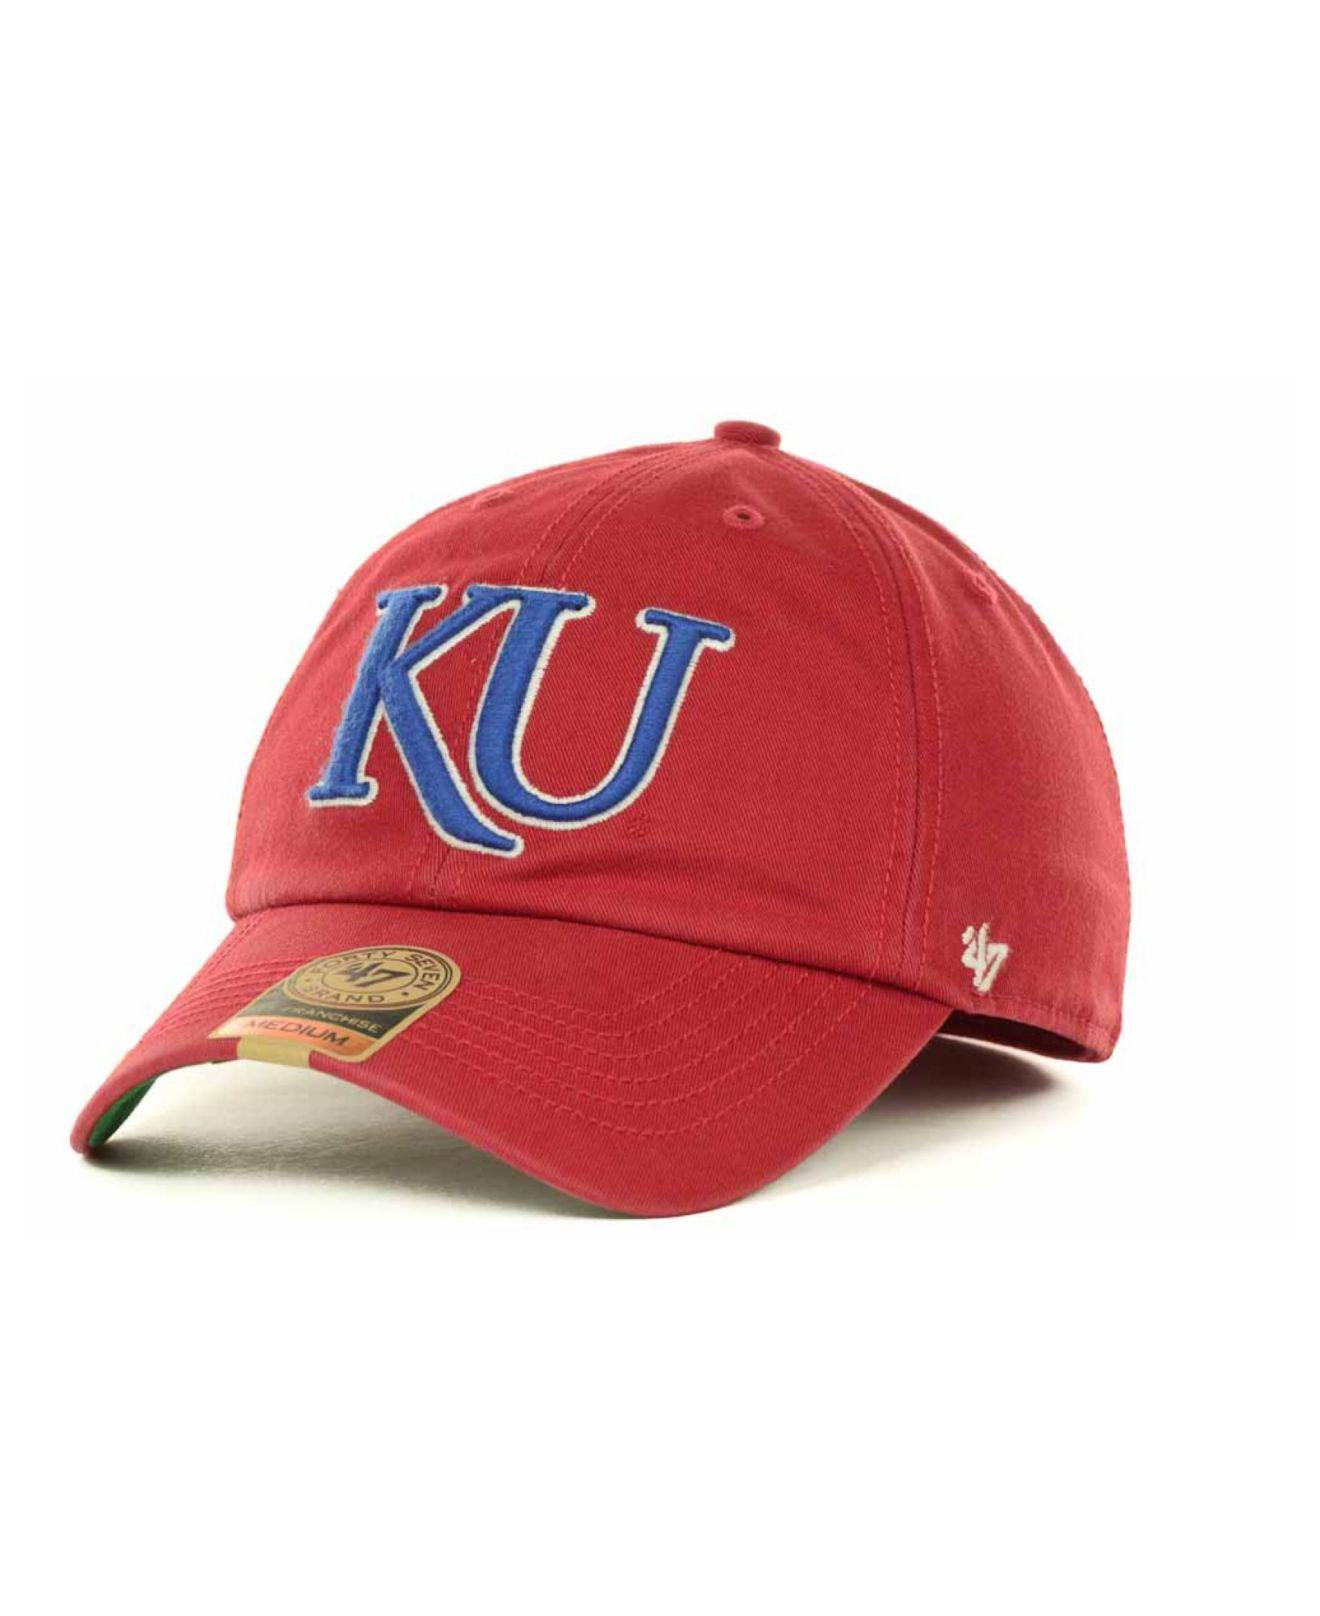 ebe1d194d0b28 Lyst - 47 Brand Kansas Jayhawks Franchise Cap in Red for Men